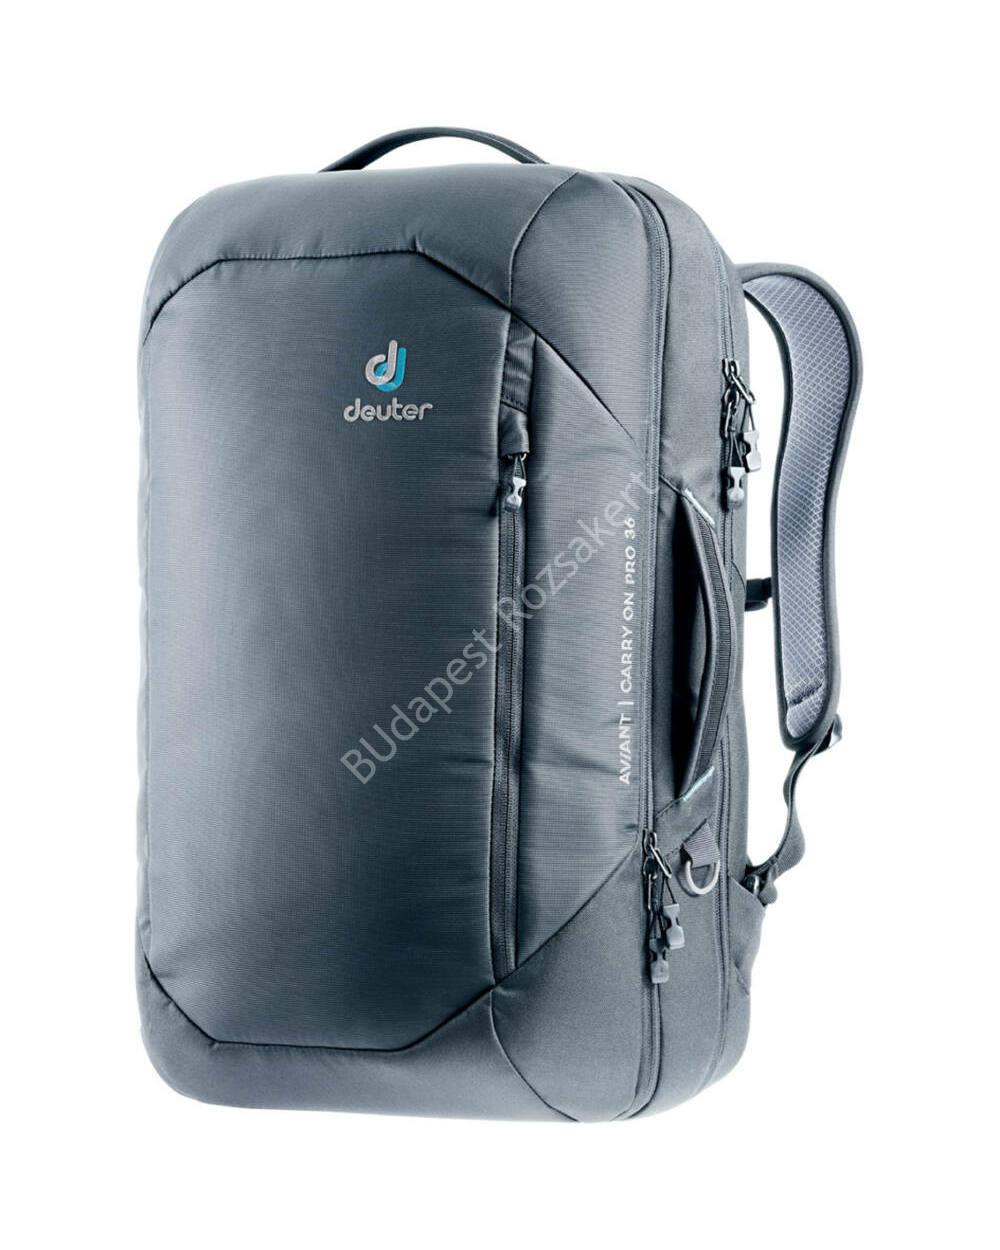 Deuter Aviant Carry On Pro 36 black utazótáska